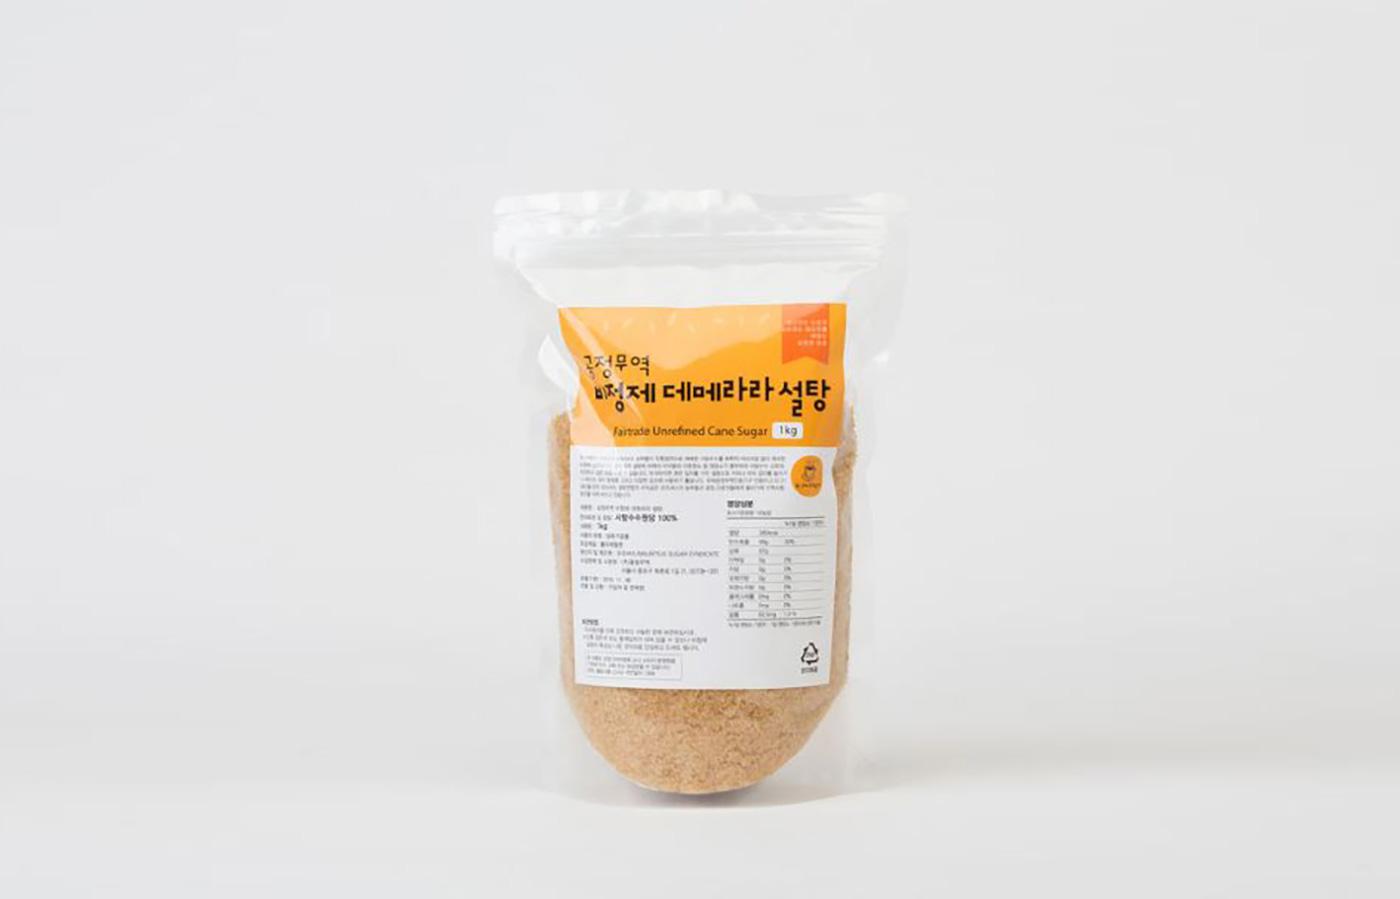 비정제 사탕수수 데메라라 설탕 원당(500g/1kg/5kg)/공정무역 비정제 설탕/사탕수수100% 화학처리NO/친환경 재배 상세이미지1